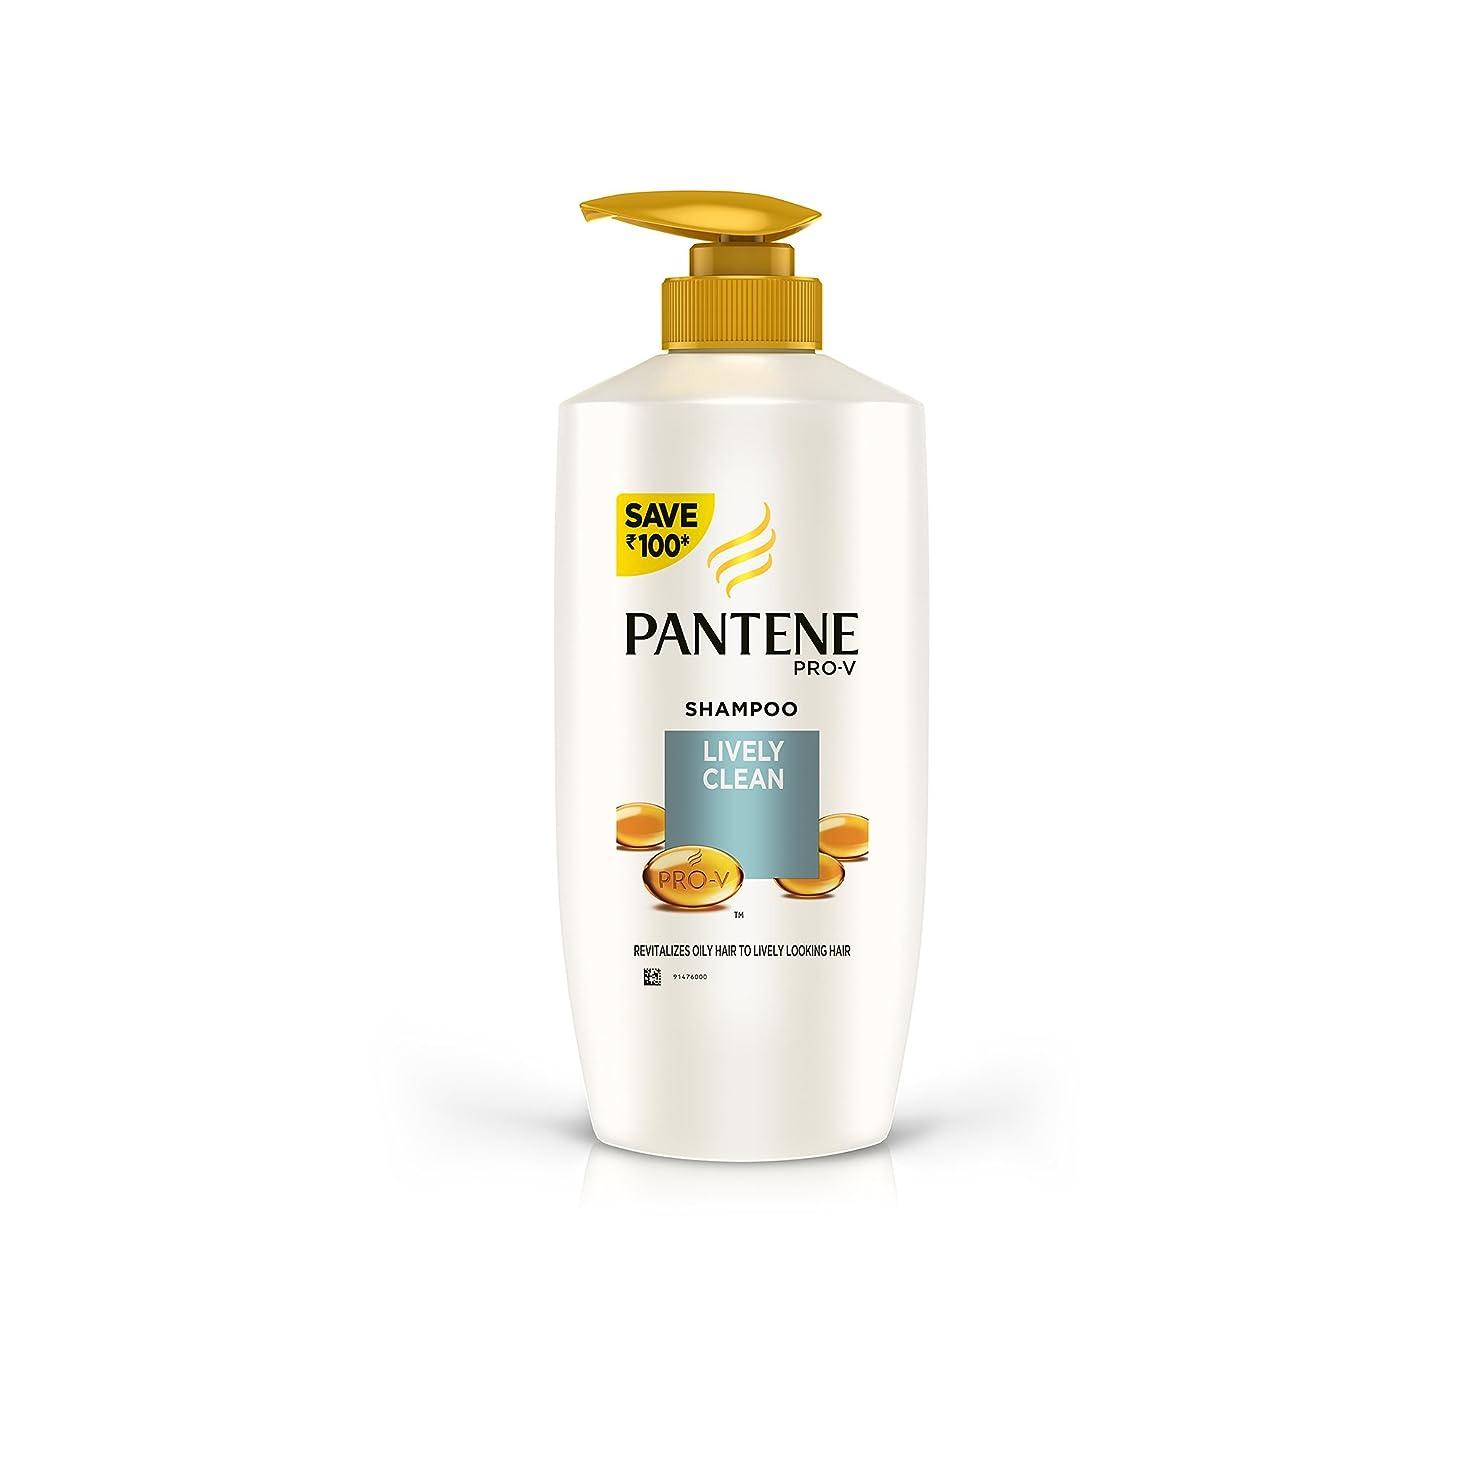 トランスペアレントしっとり評判PANTENE Lively Clean SHAMPOO 675ml (PANTENE Lively Cleanシャンプー675ml)